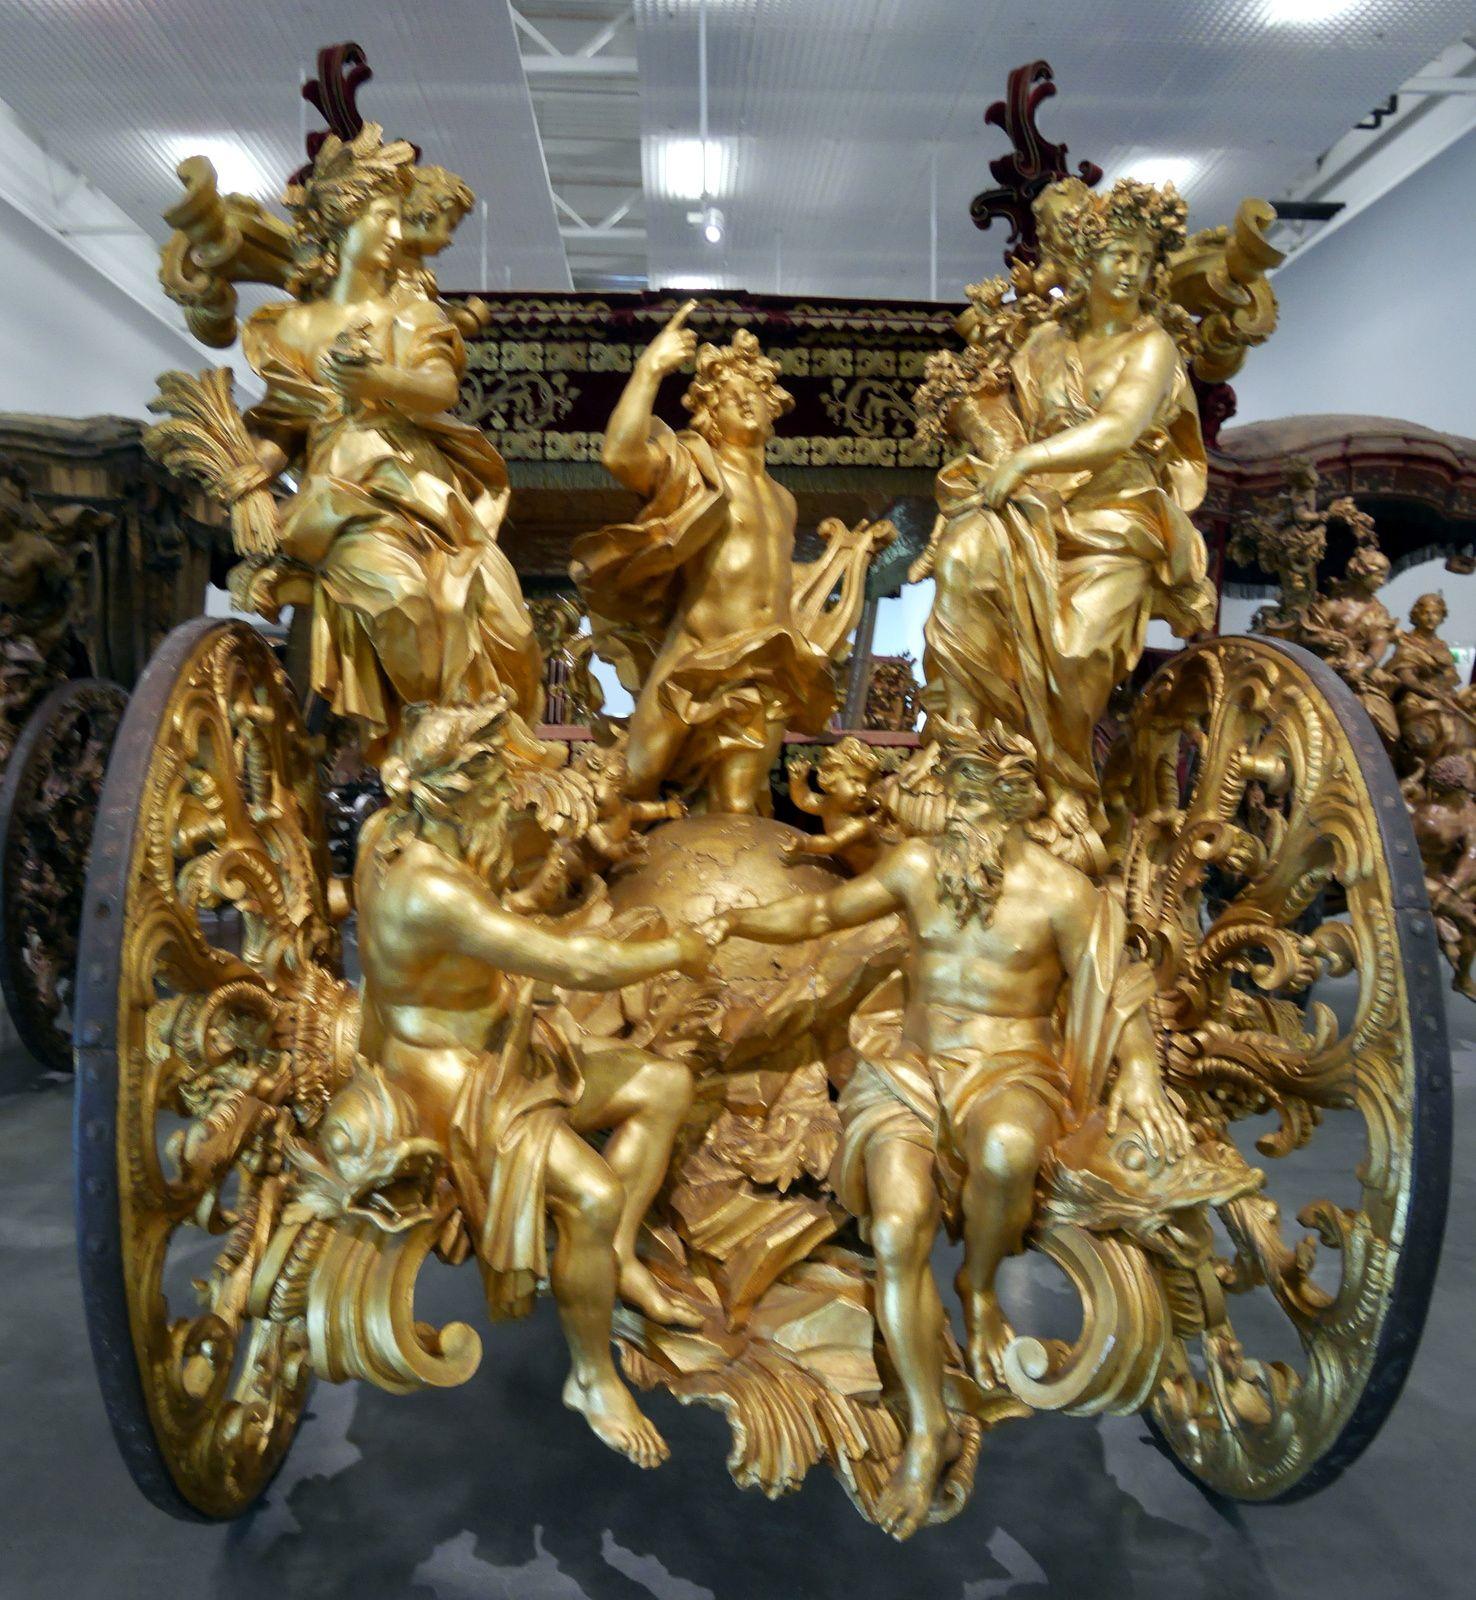 Vidéo de la collection du nouveau musée de Lisbonne.